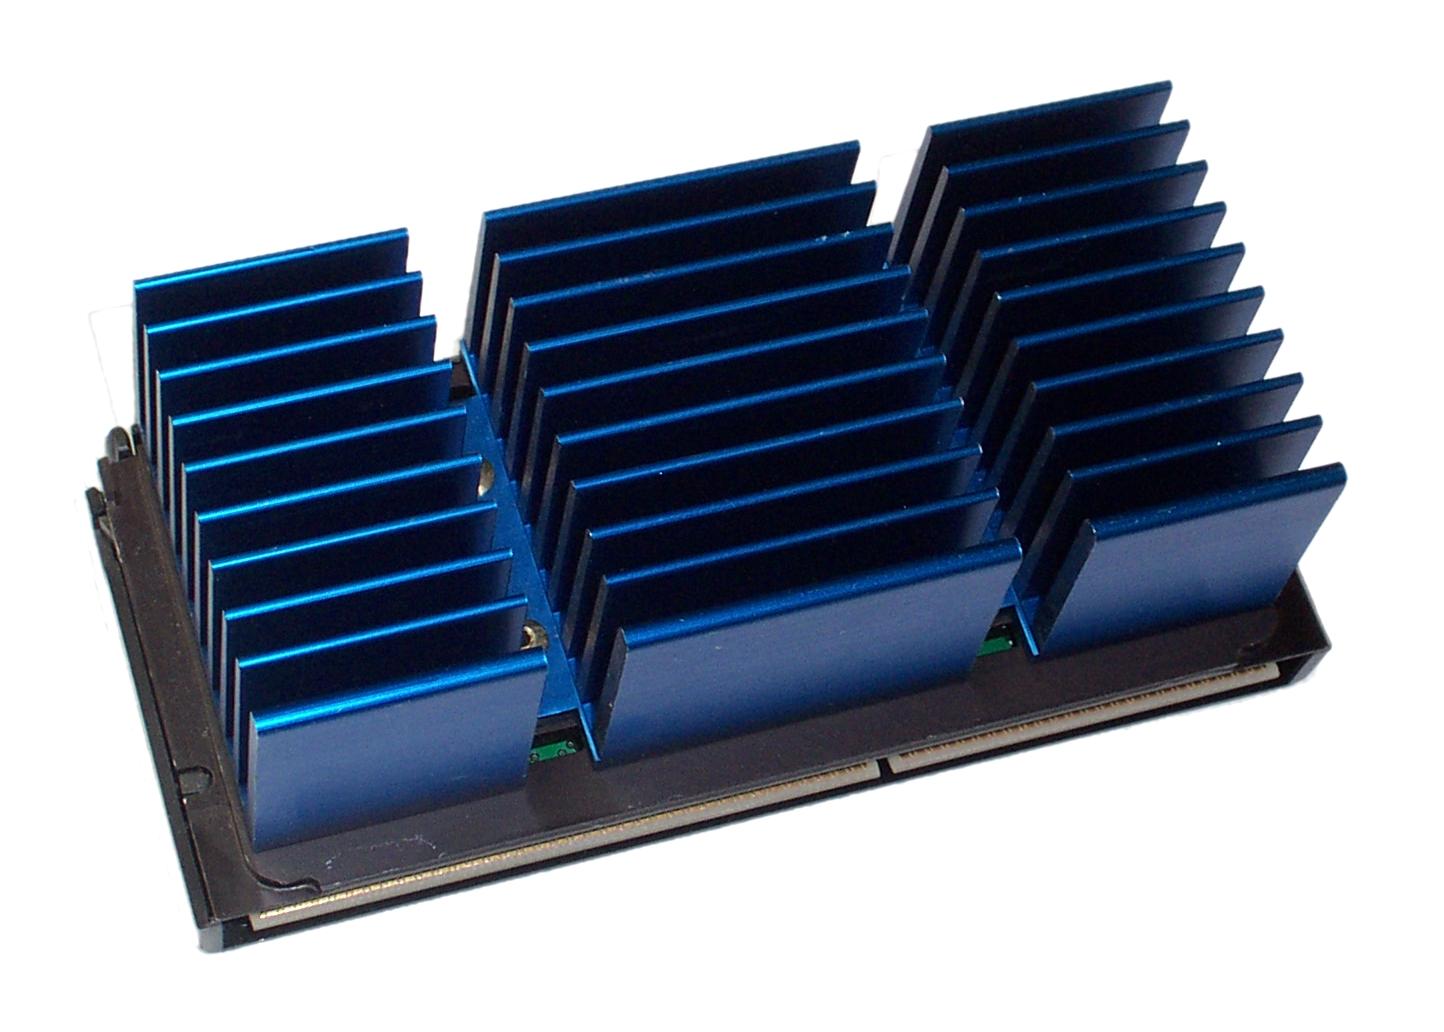 Intel SL2U6 Pentium 2 400MHz with Compaq 698139-001 Heatsink